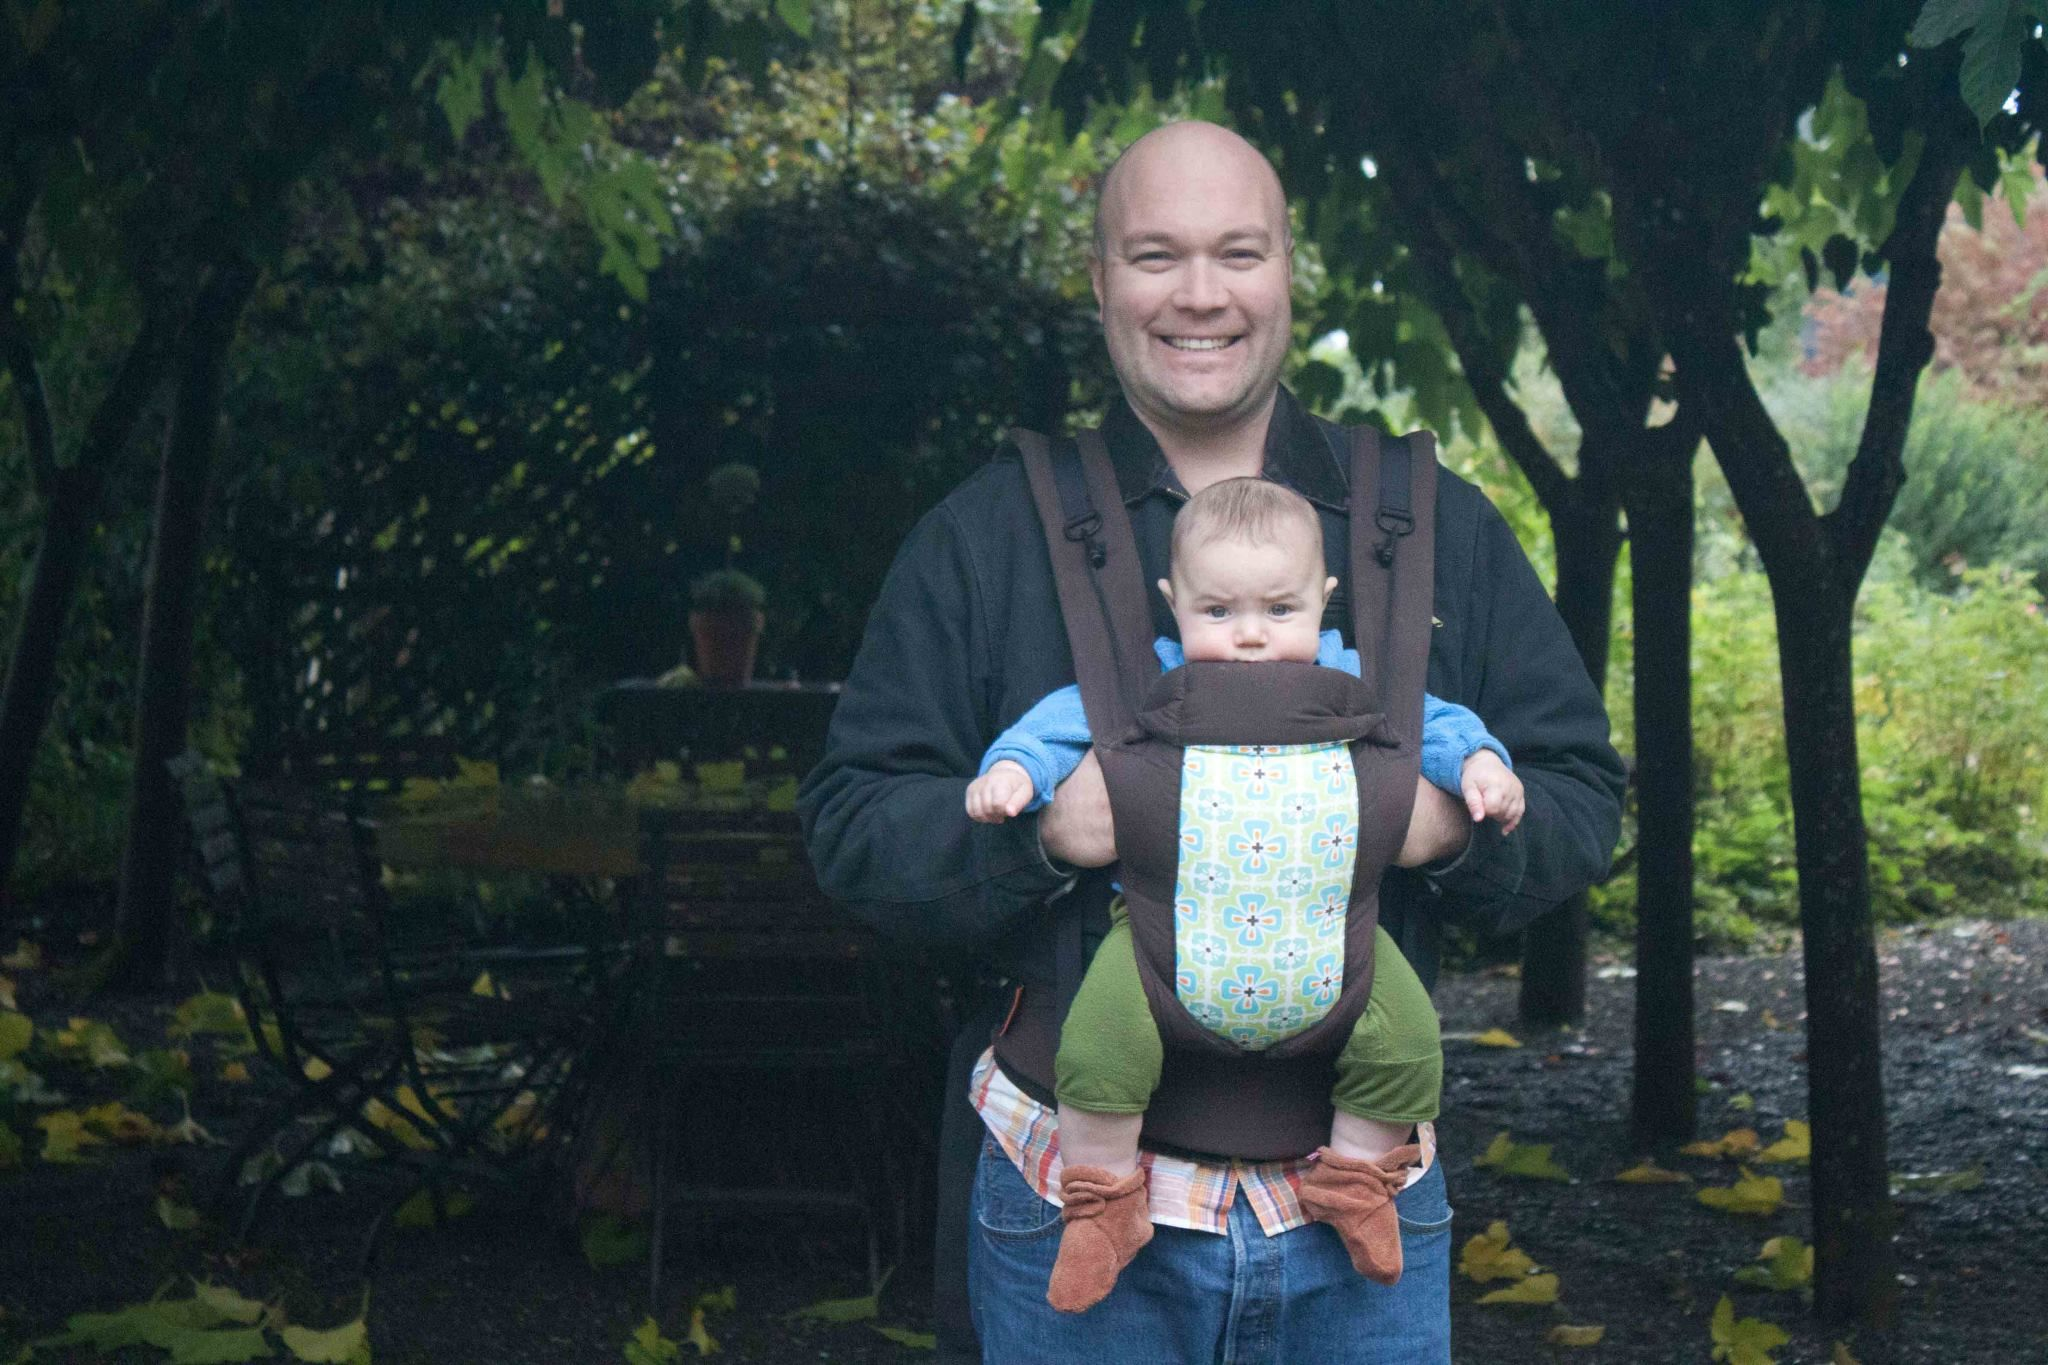 Happy baby, happy dad!